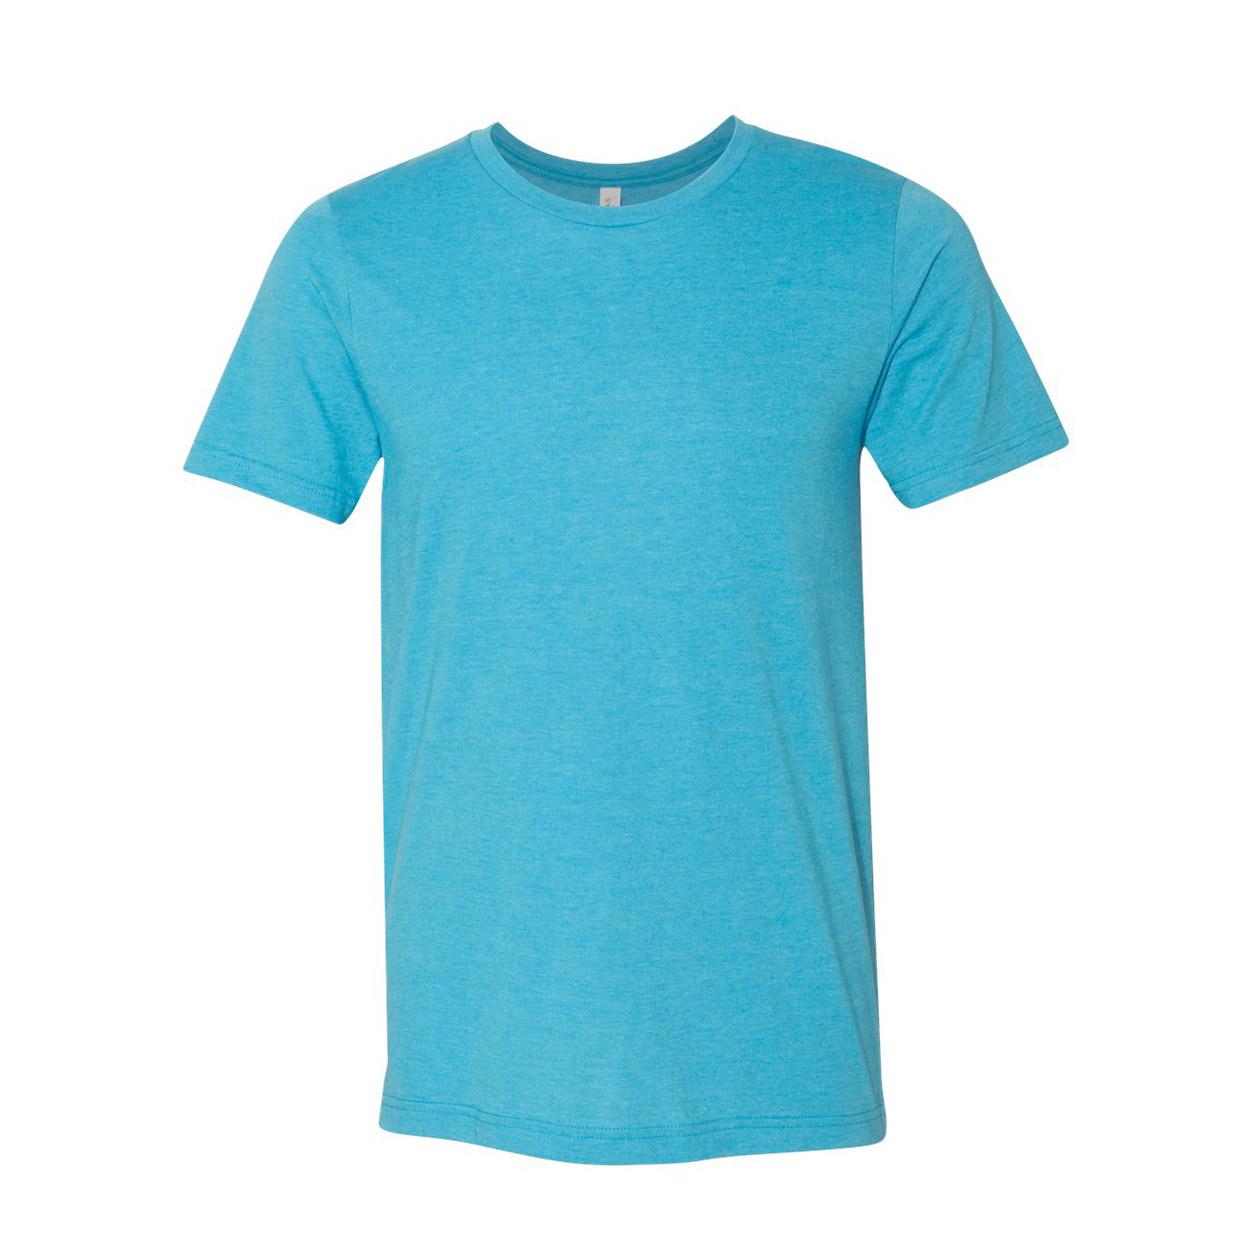 Aqua heather bella shirt